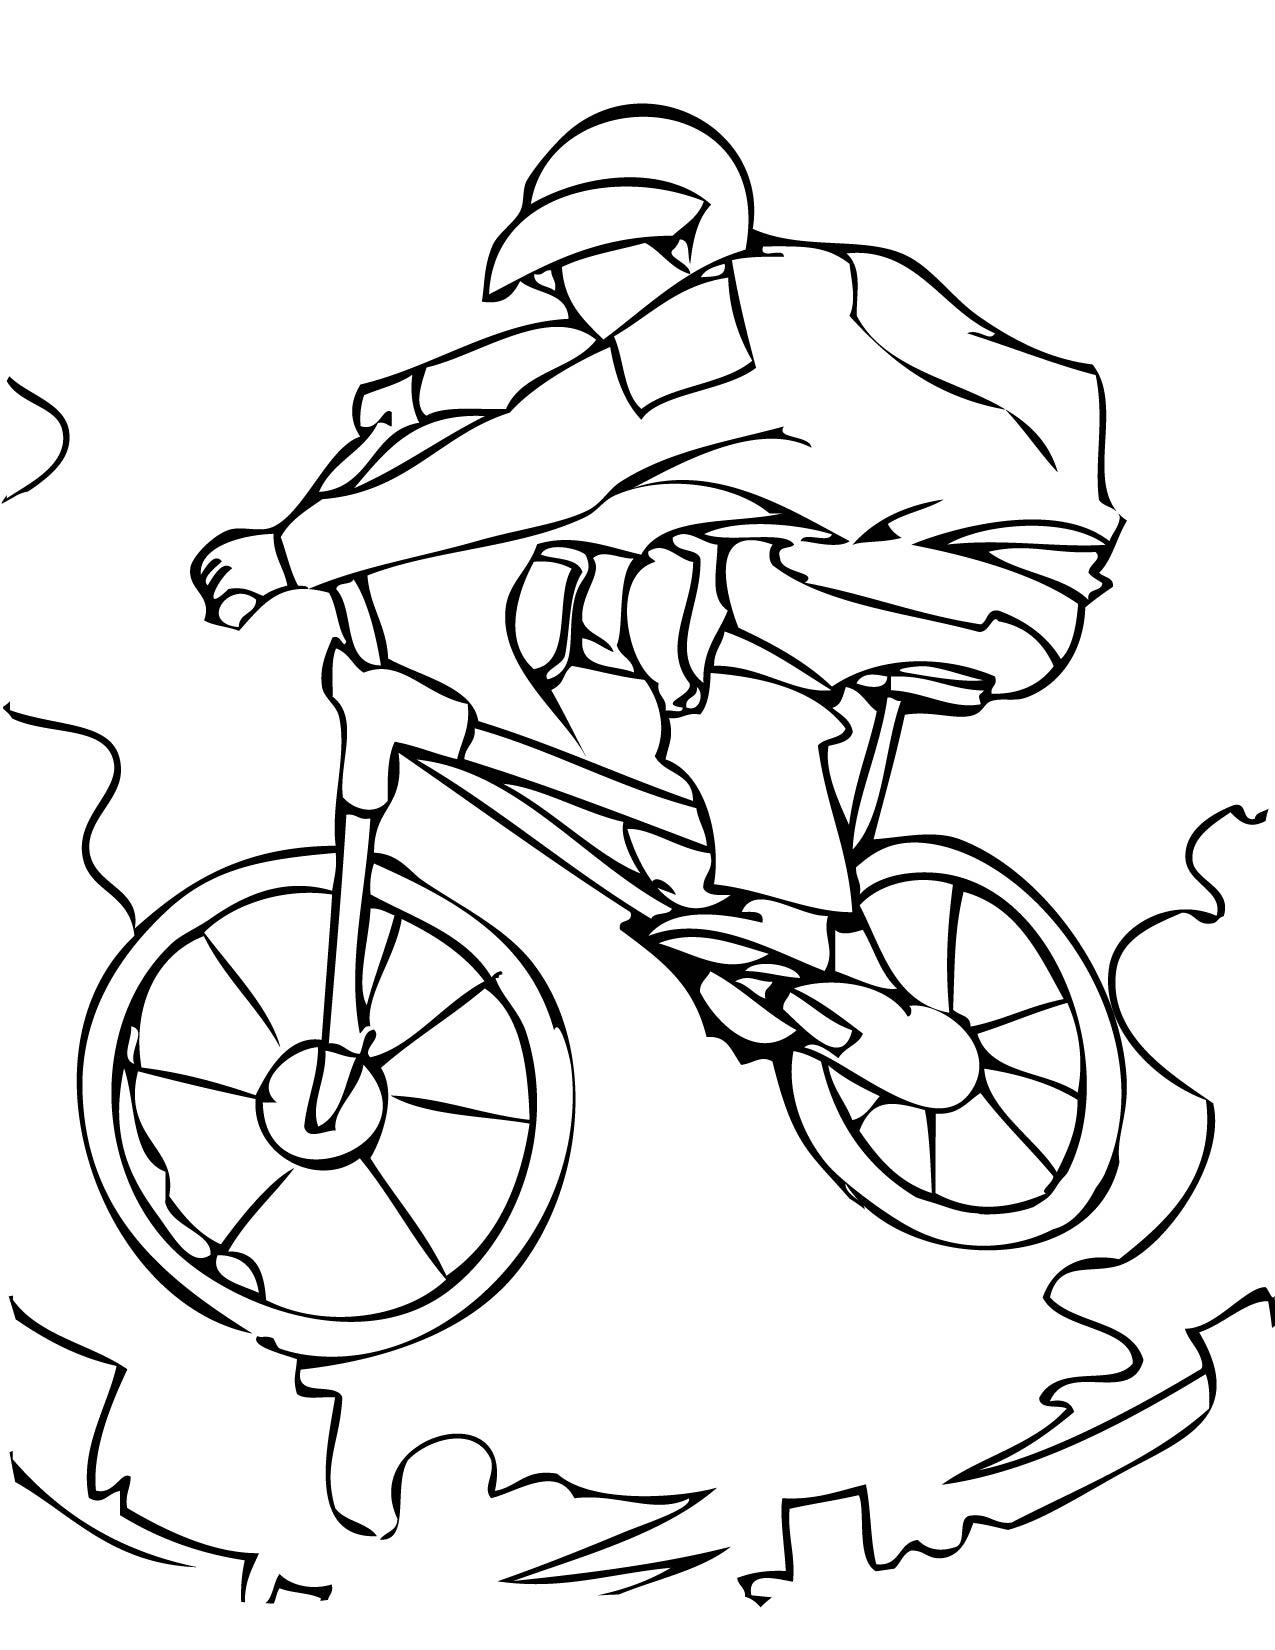 Спорт, велосипедист, горная тропа Раскраски для мальчиков бесплатно